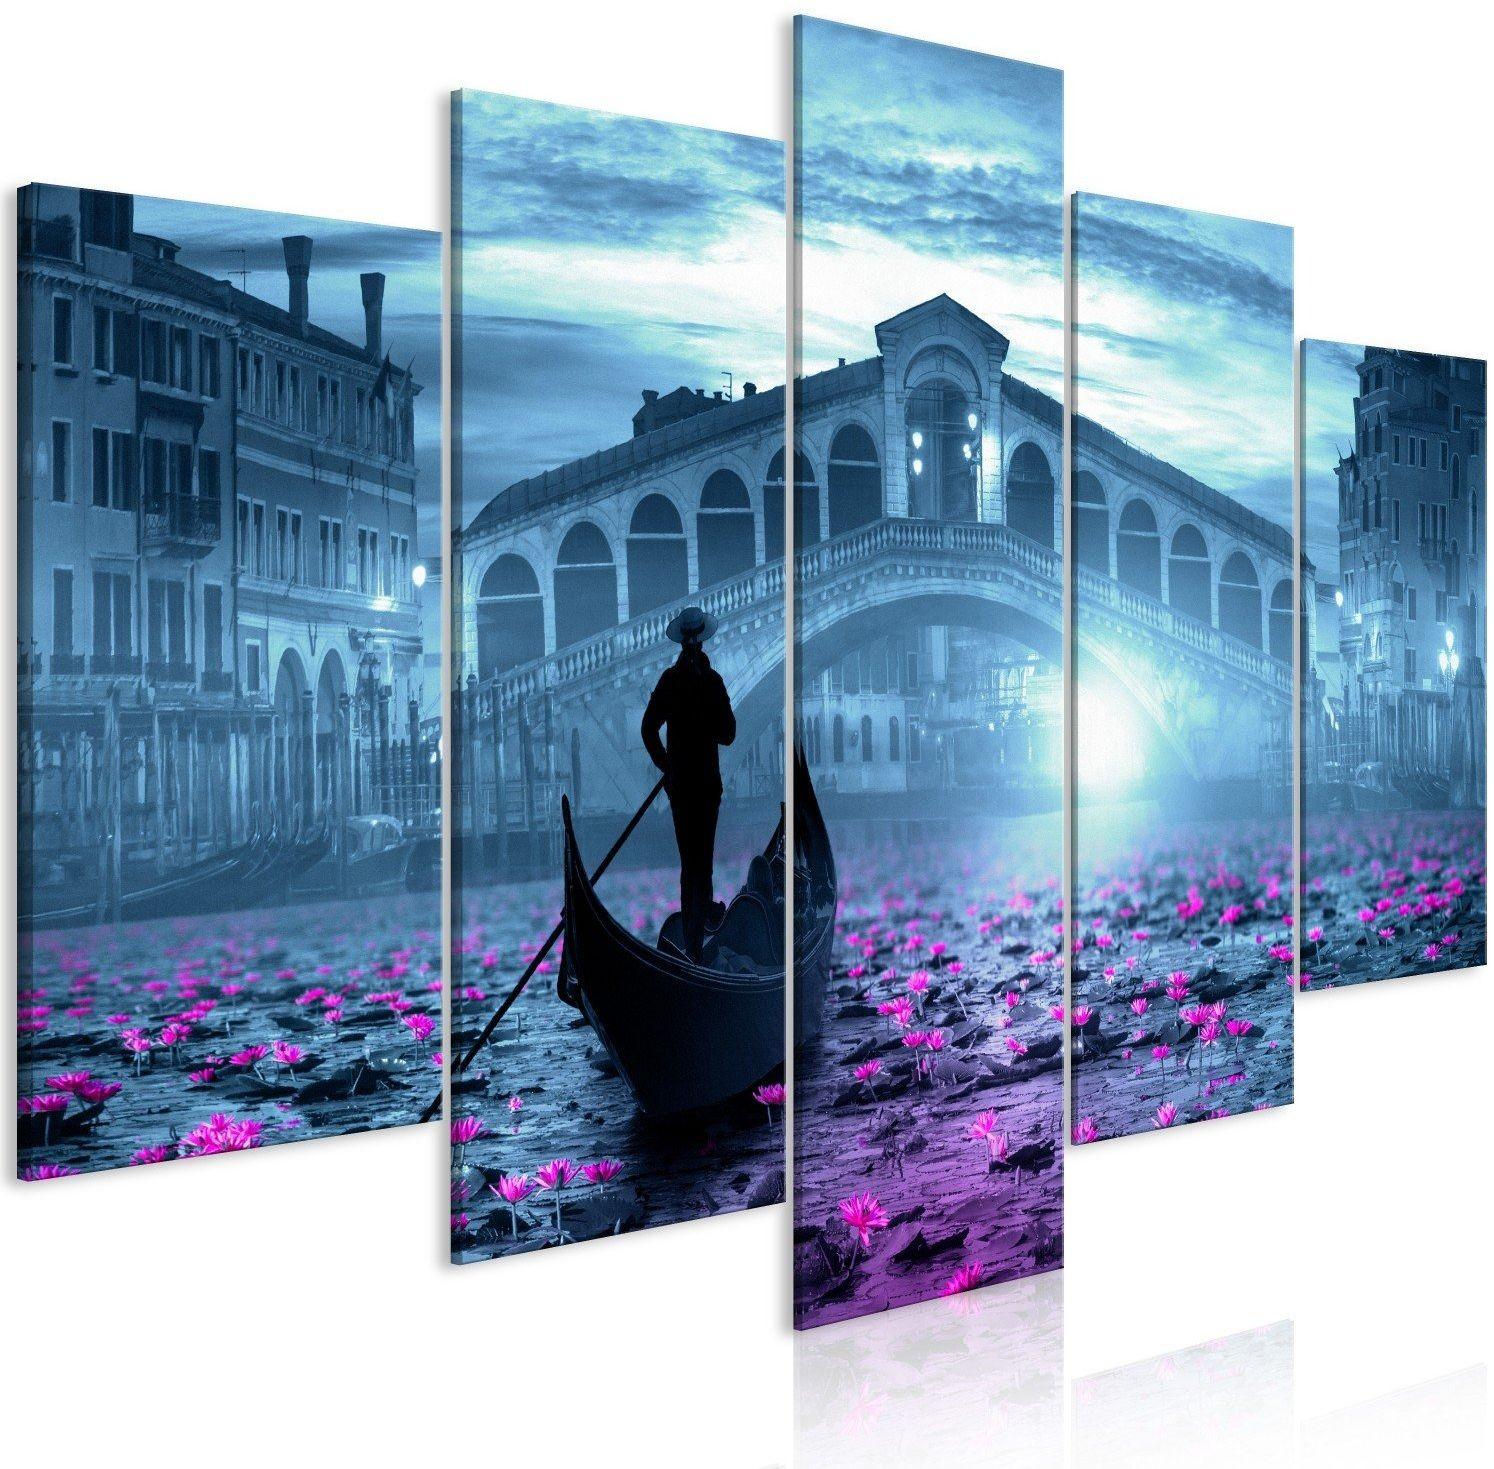 Obraz - magiczna wenecja (5-częściowy) szeroki niebieski